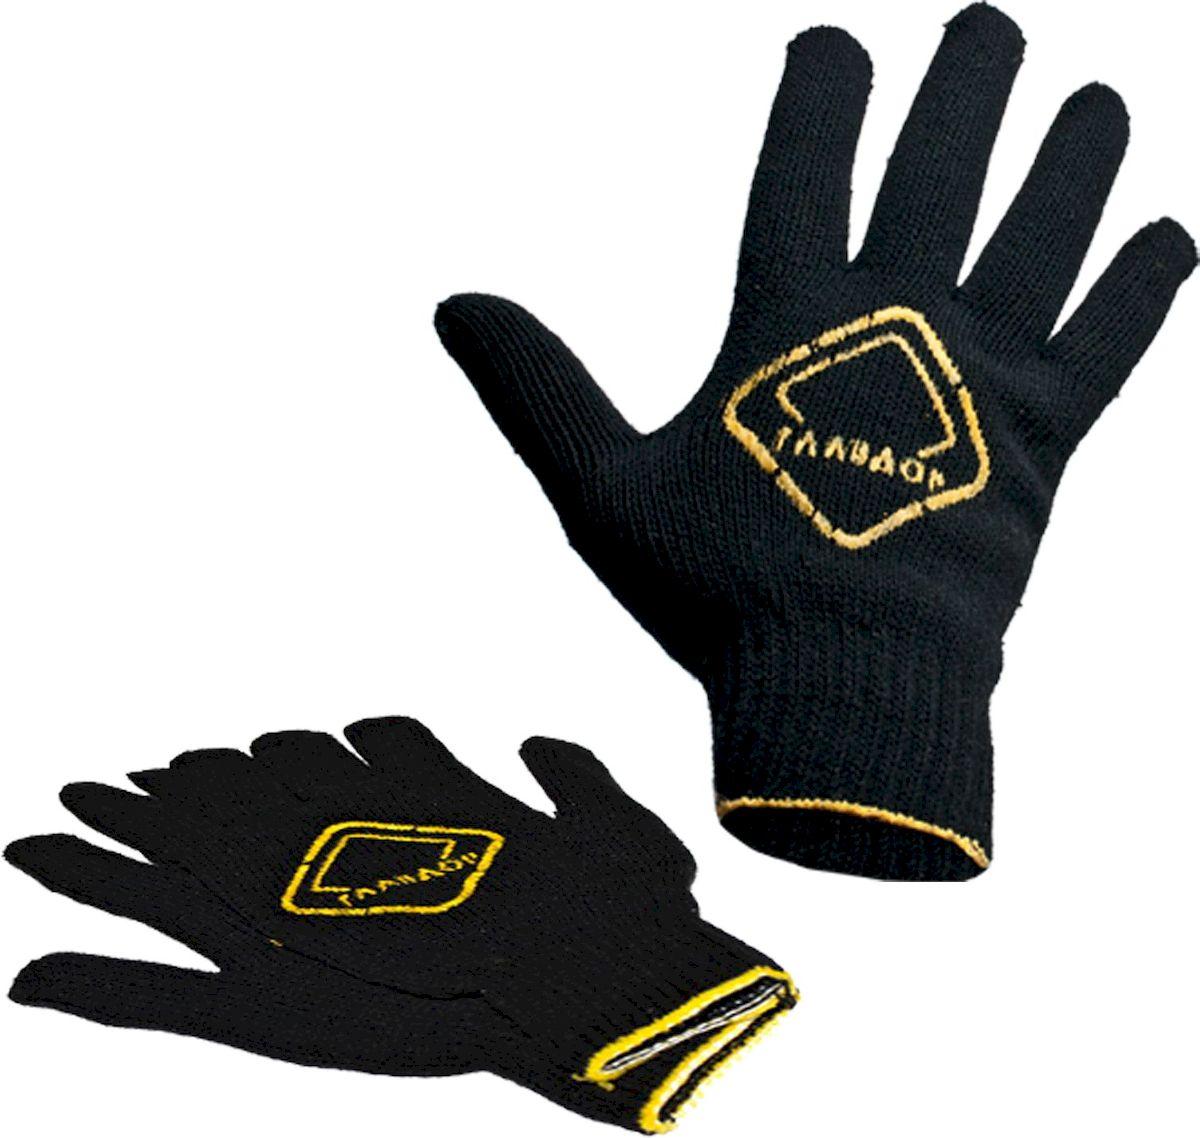 Перчатки защитные Главдор, цвет: черный. GL-47